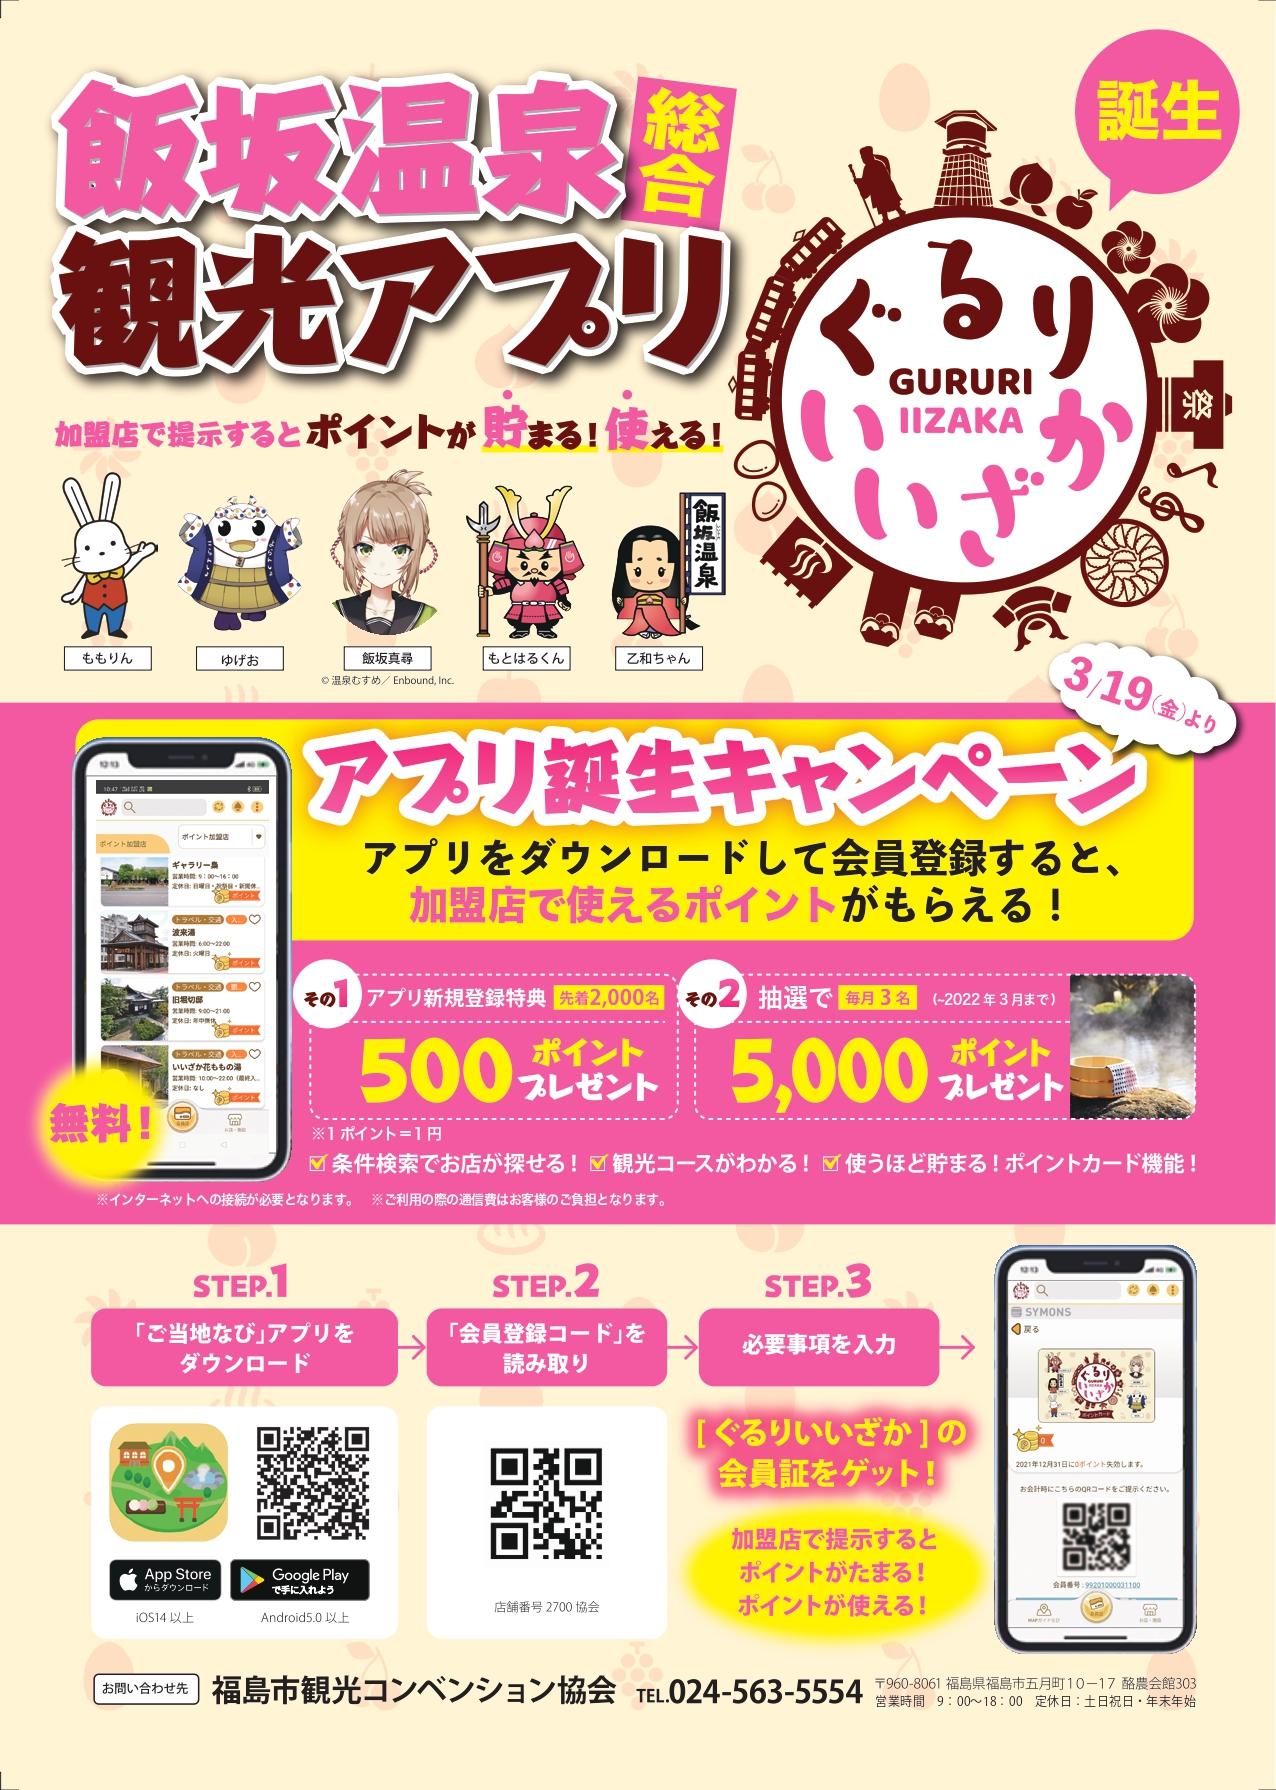 総合観光アプリ『ぐるりいいざか』会員募集中!